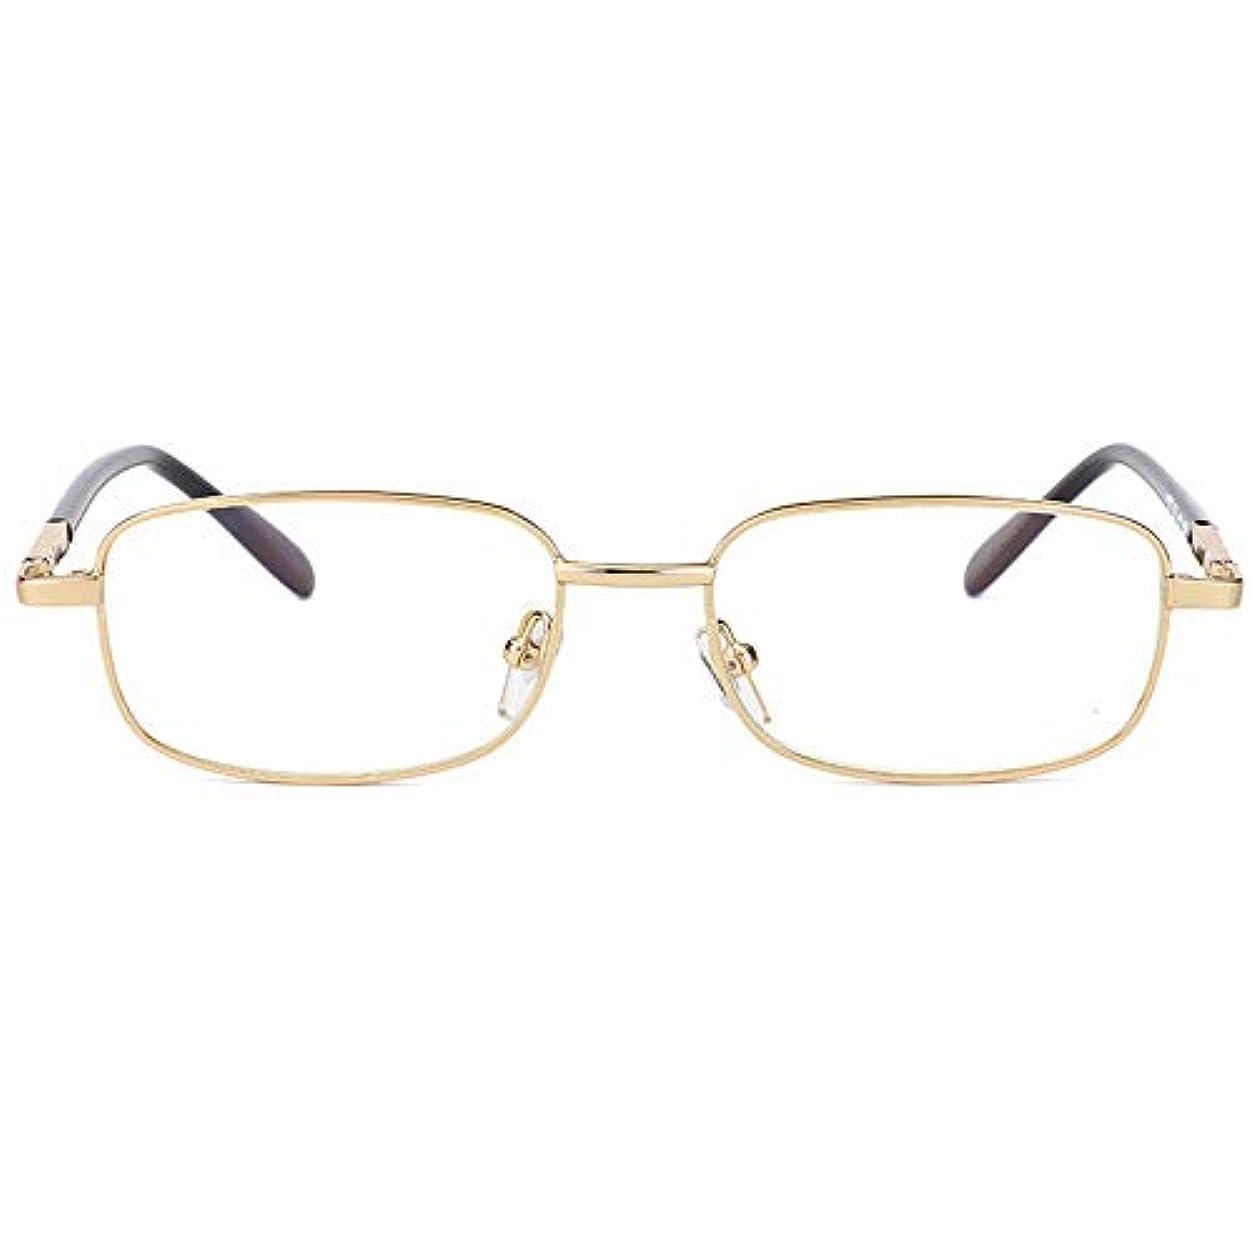 栄光バケットゴム金属老眼鏡、落下防止光学ガラス抗疲労色変化マルチフォーカス老人読書抽出機、新聞を読むのに適したコンピューターを見て